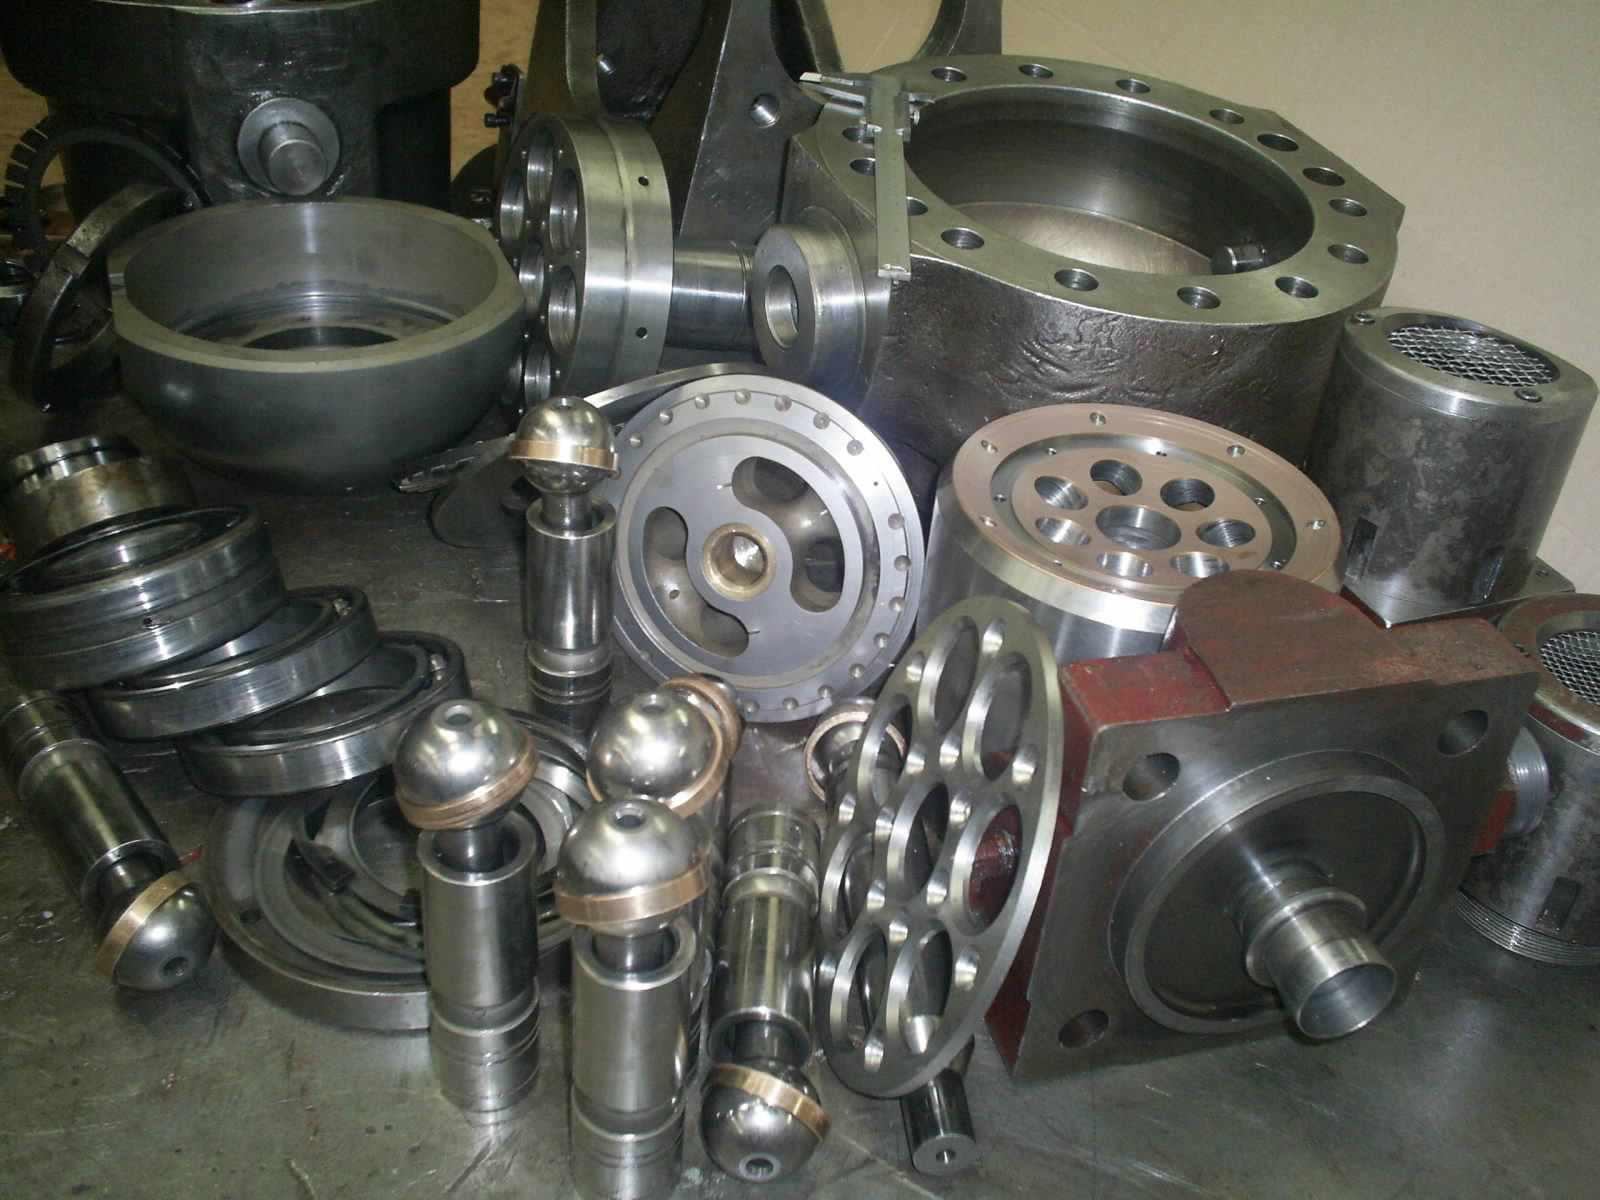 pompe_hydraulique_smg_spiertz2.JPG